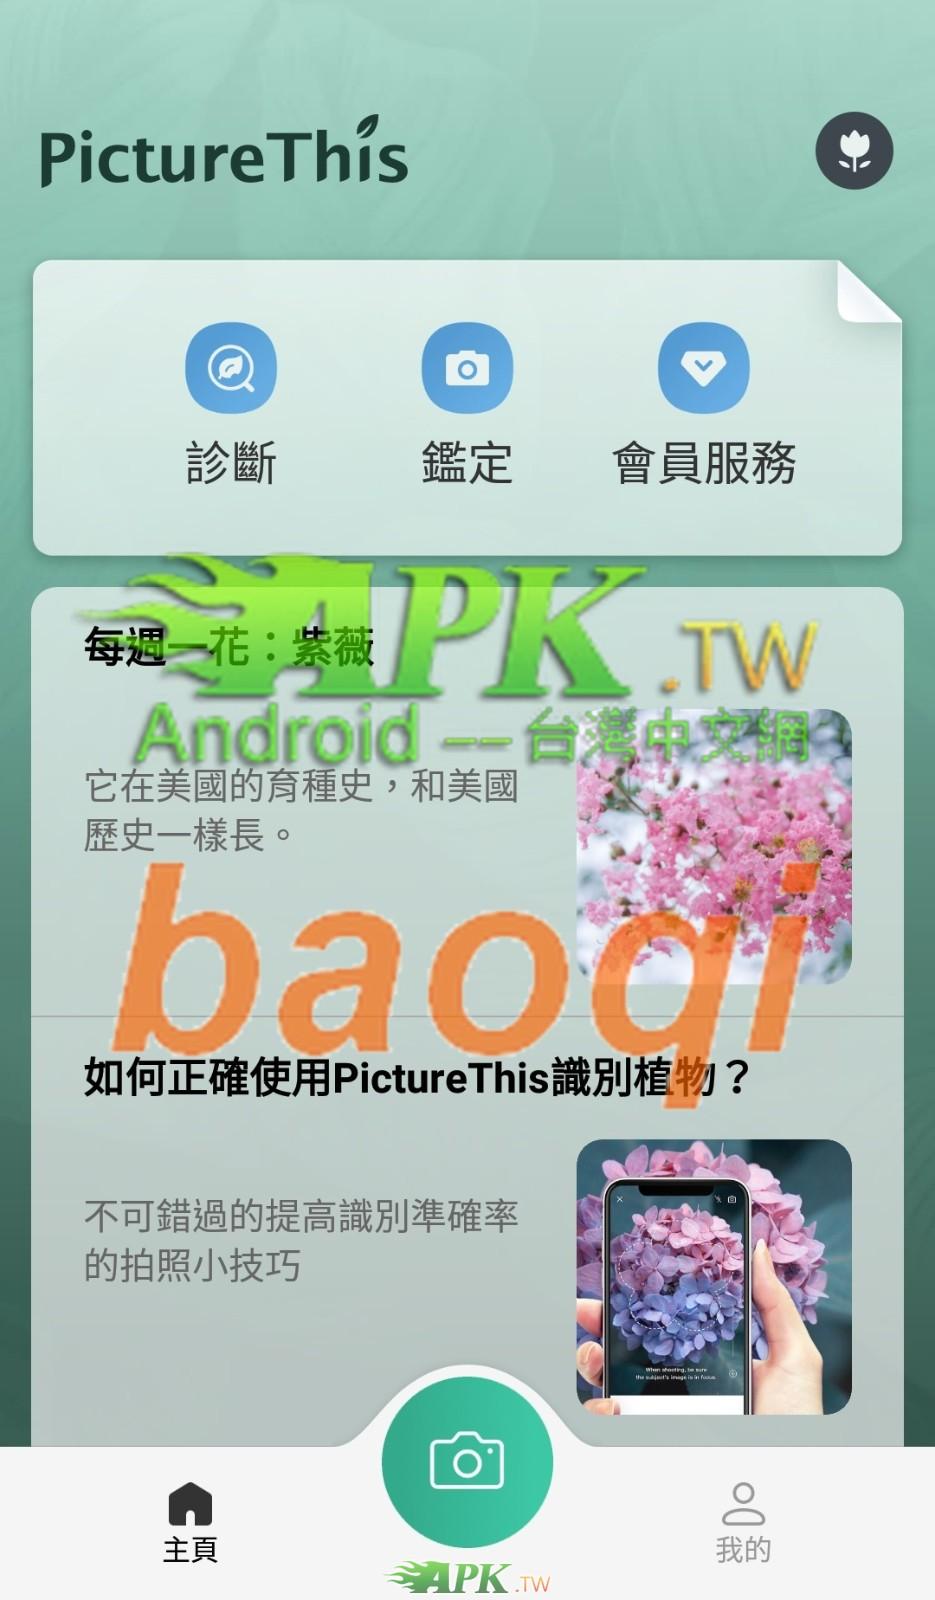 PictureThis__3_.jpg